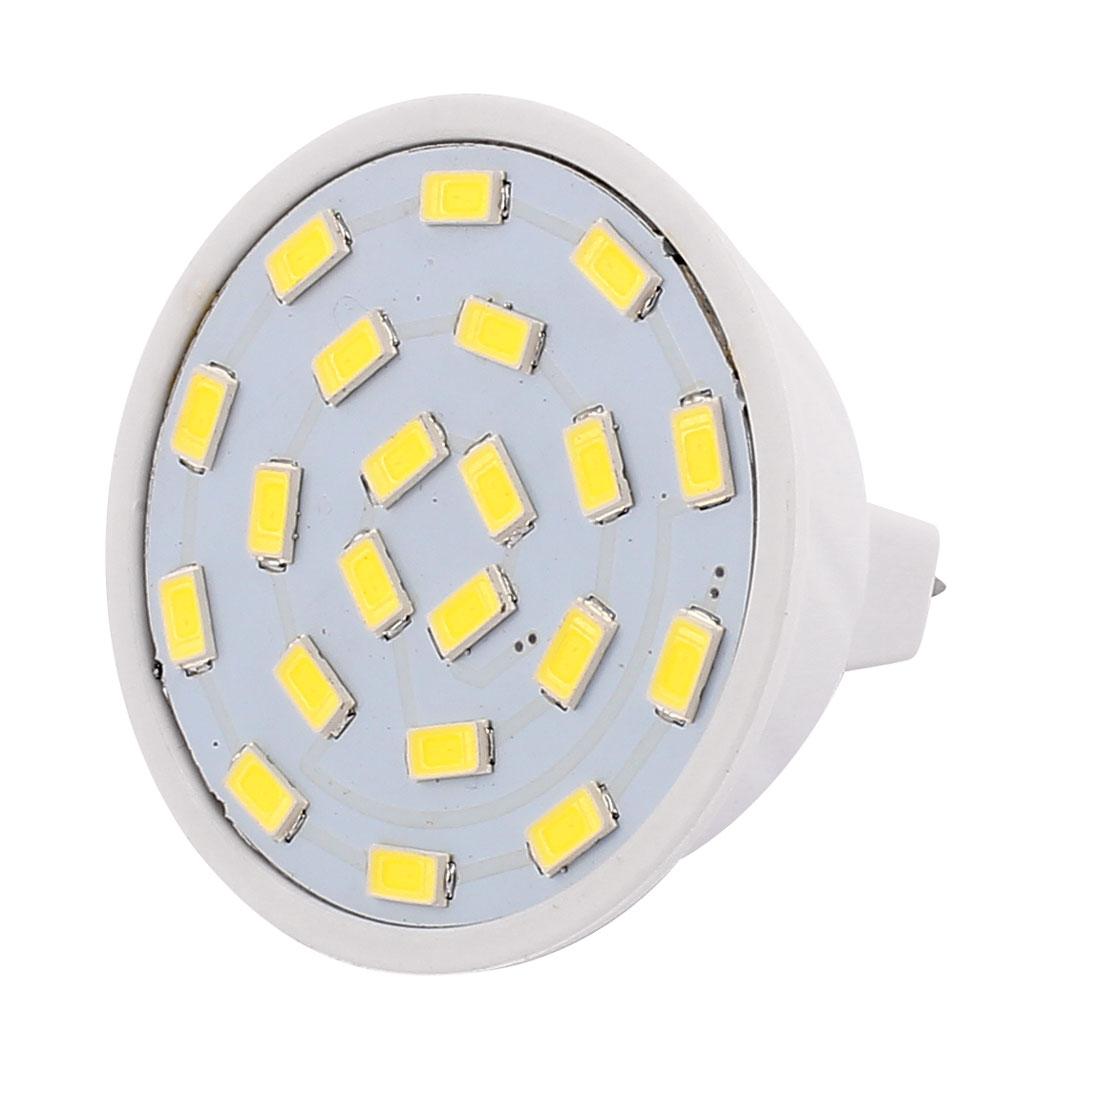 220V 5W MR16 5730 SMD 21 LEDs LED Bulb Light Spotlight Lamp White